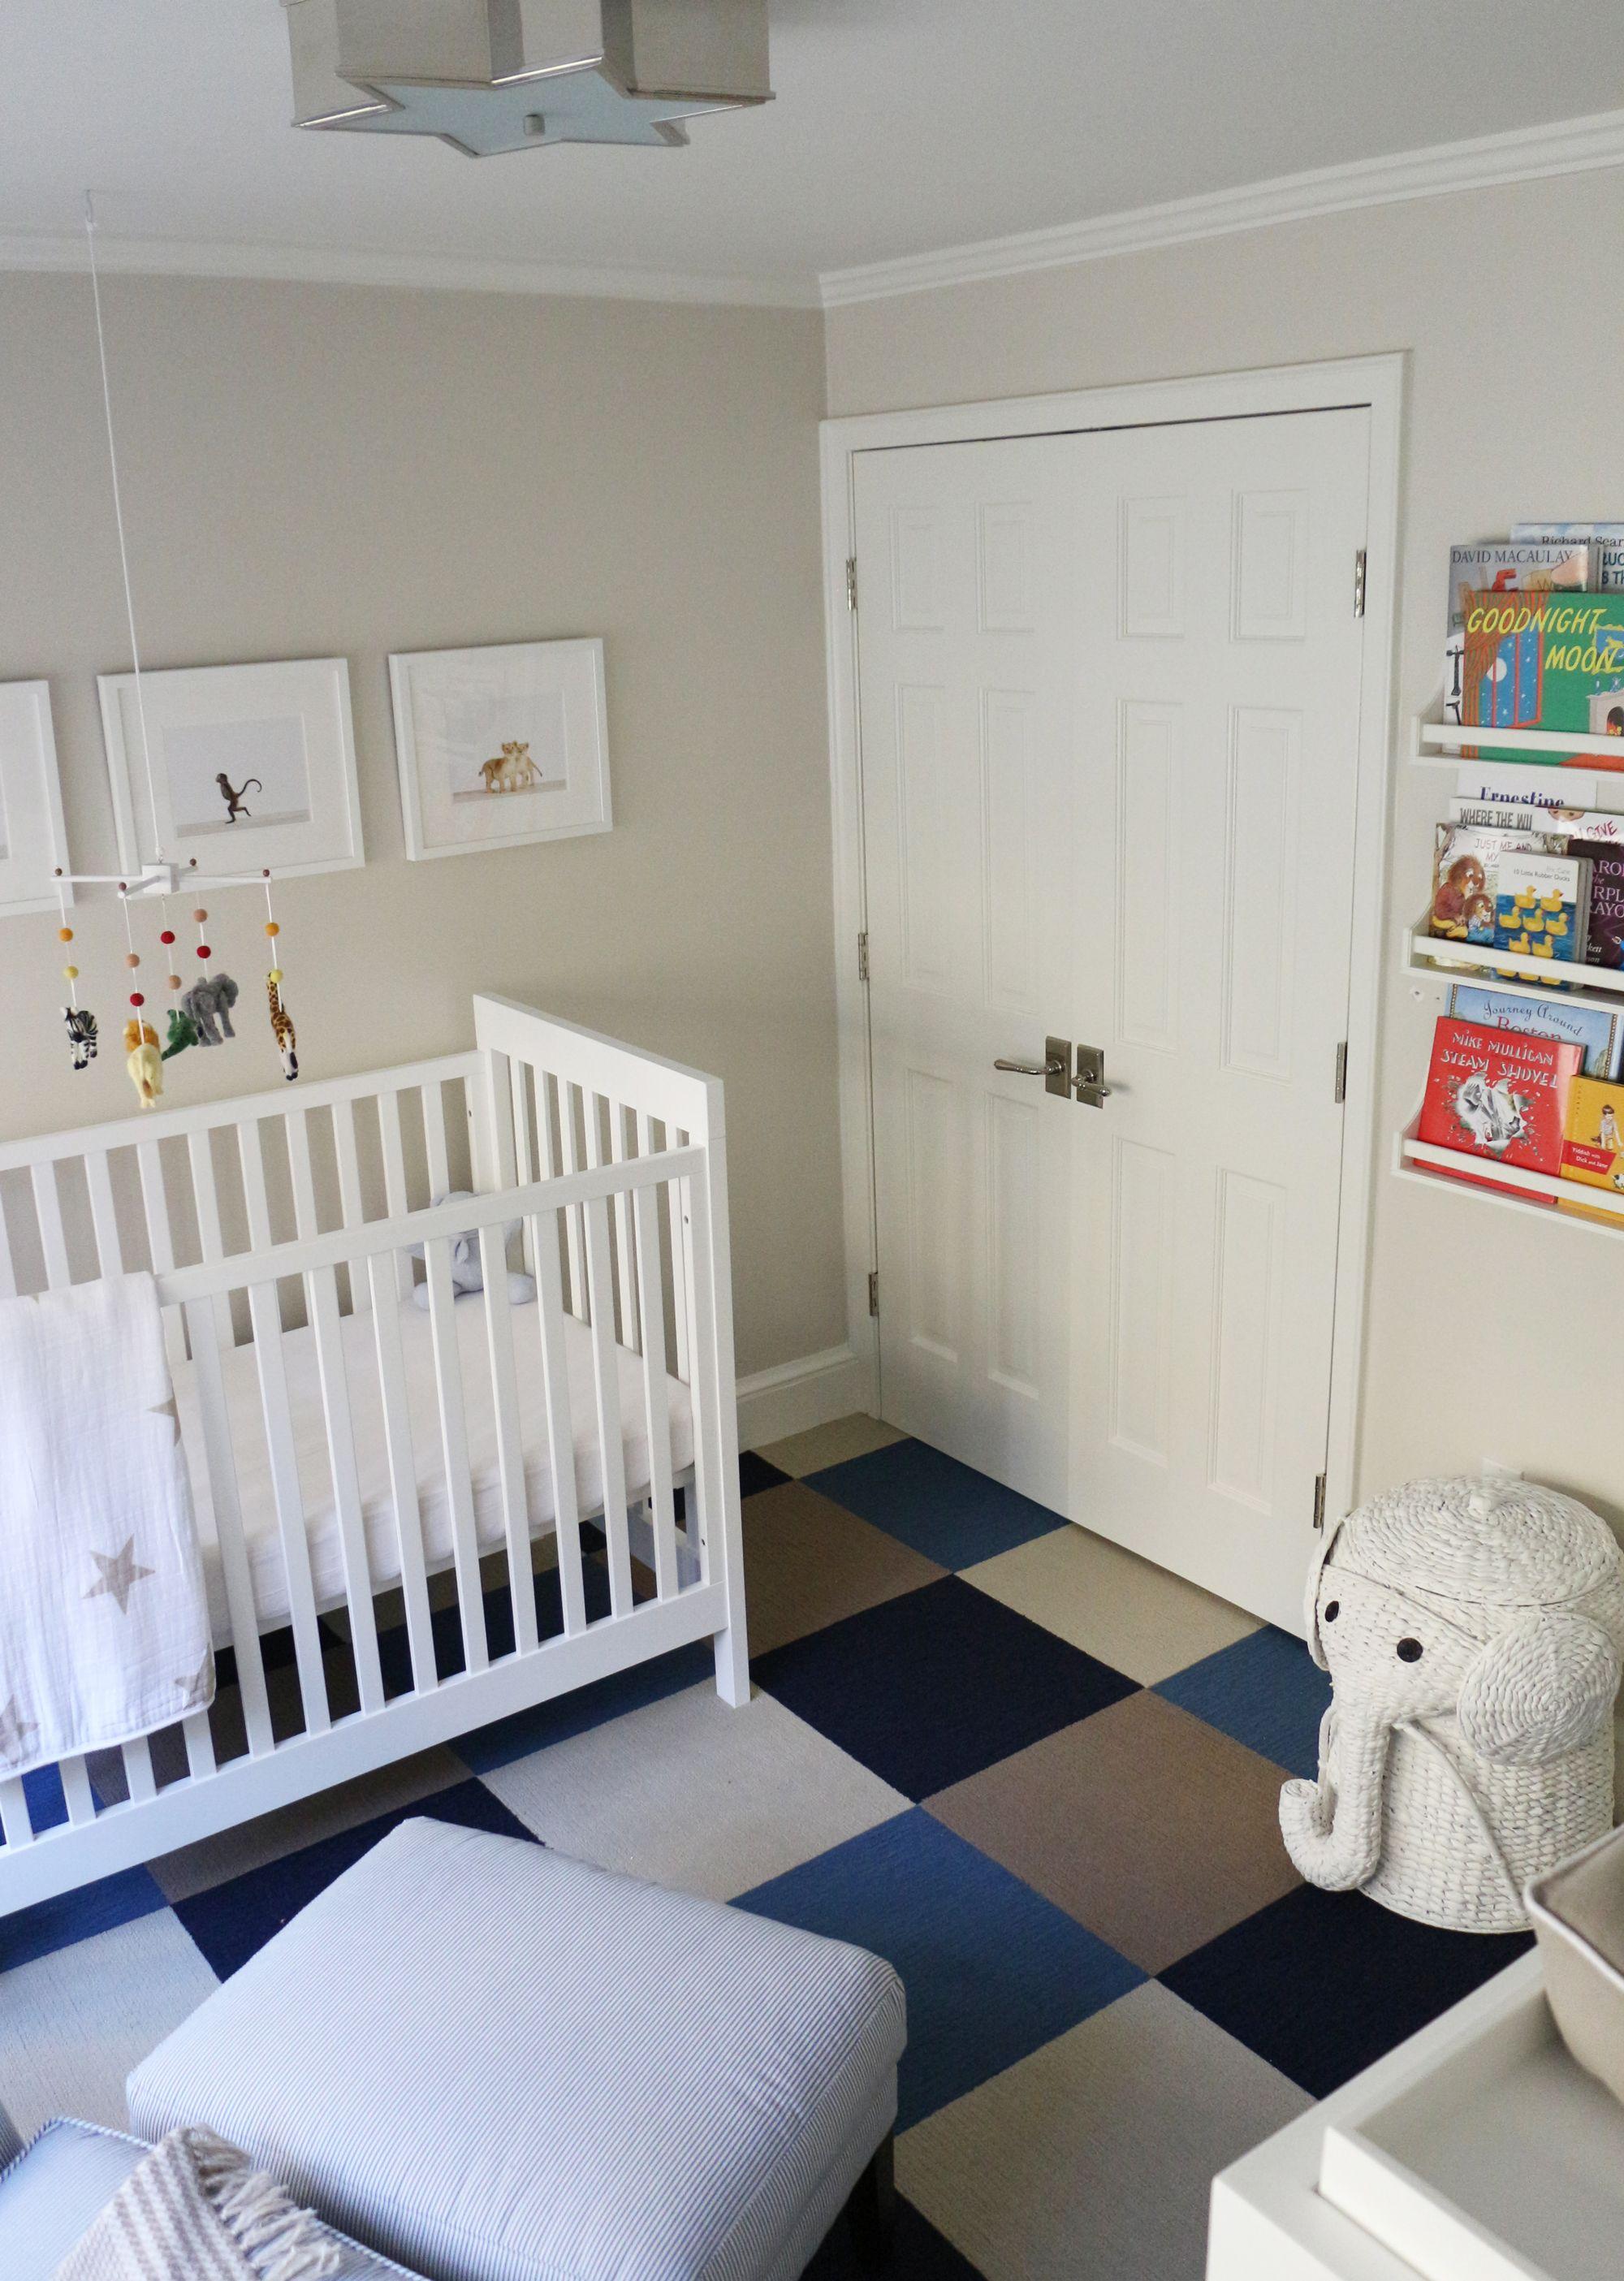 vioctoria elizabeth design  boys nursery featuring the sophia  - vioctoria elizabeth design  boys nursery featuring the sophia flush mountby alexa hampton  ah